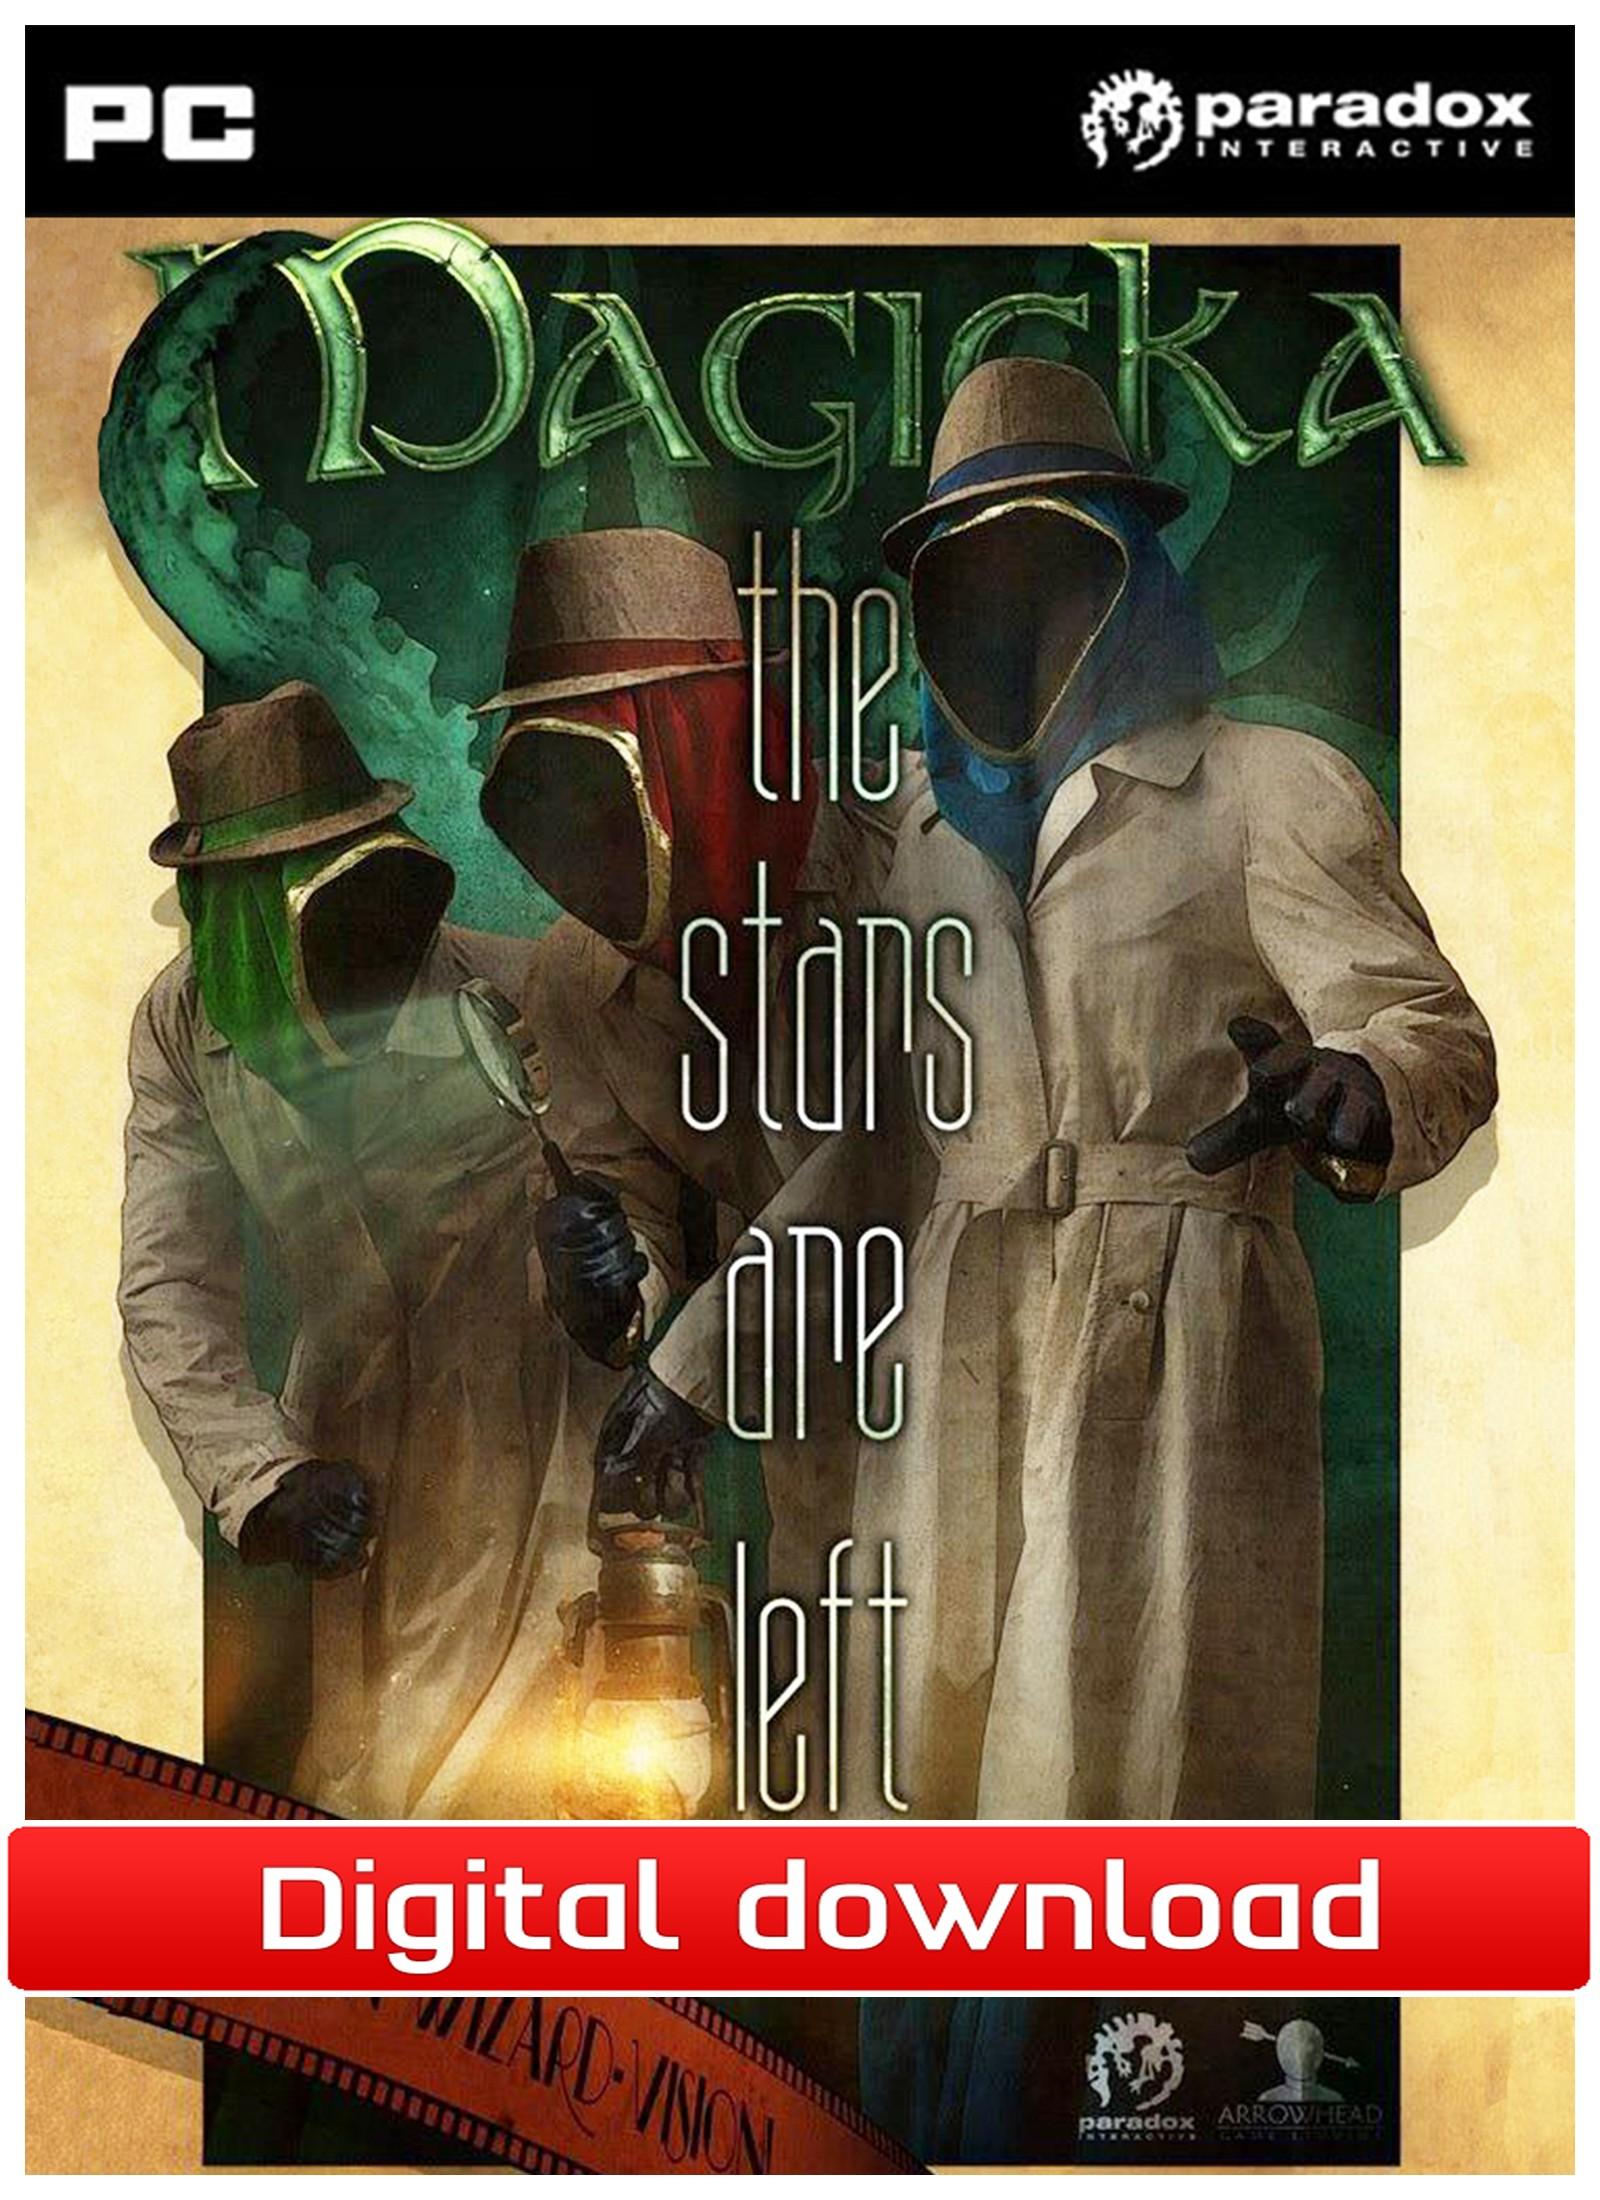 Magicka: DLC The Stars are Left (PC nedlastning) PCDD28123